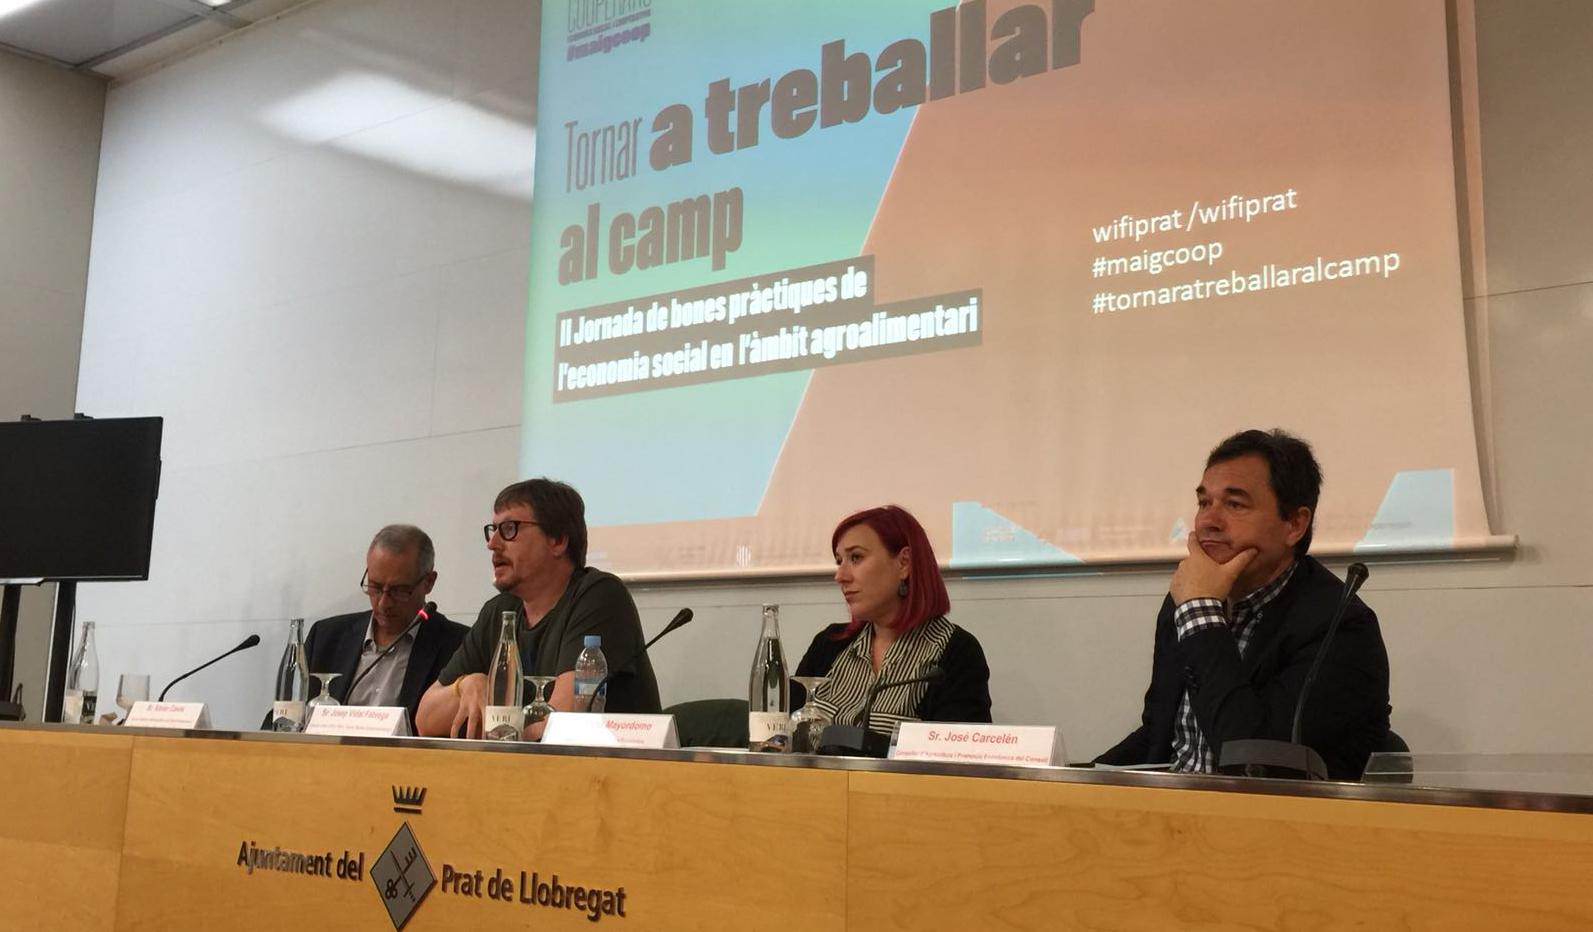 """Jornada De Bones Pràctiques """"Tornar A Treballar Al Camp"""""""